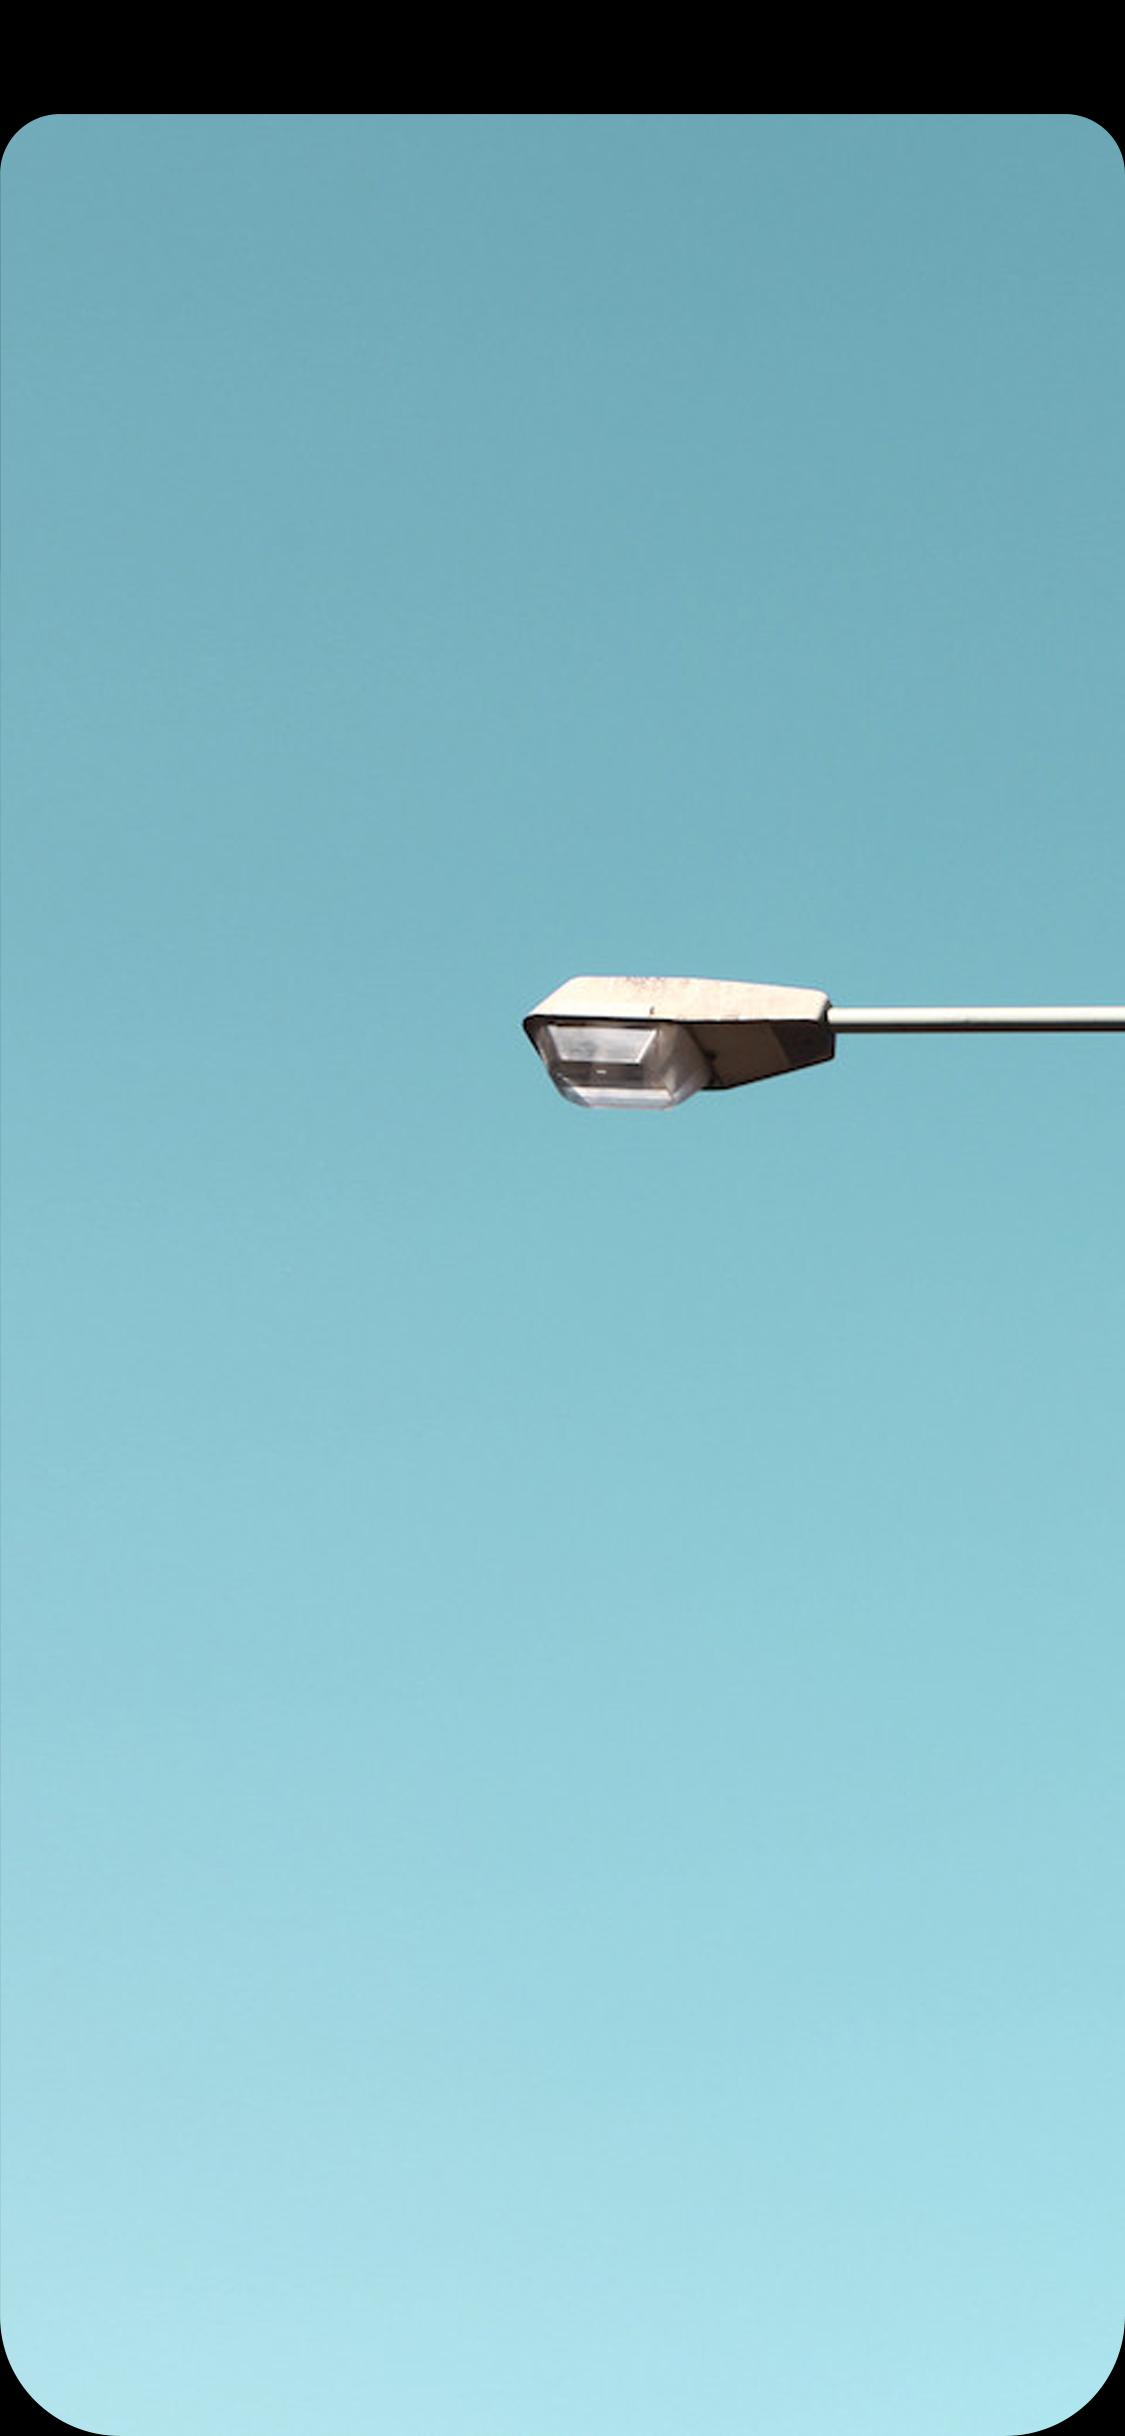 geirwerner-Lightpole.jpg